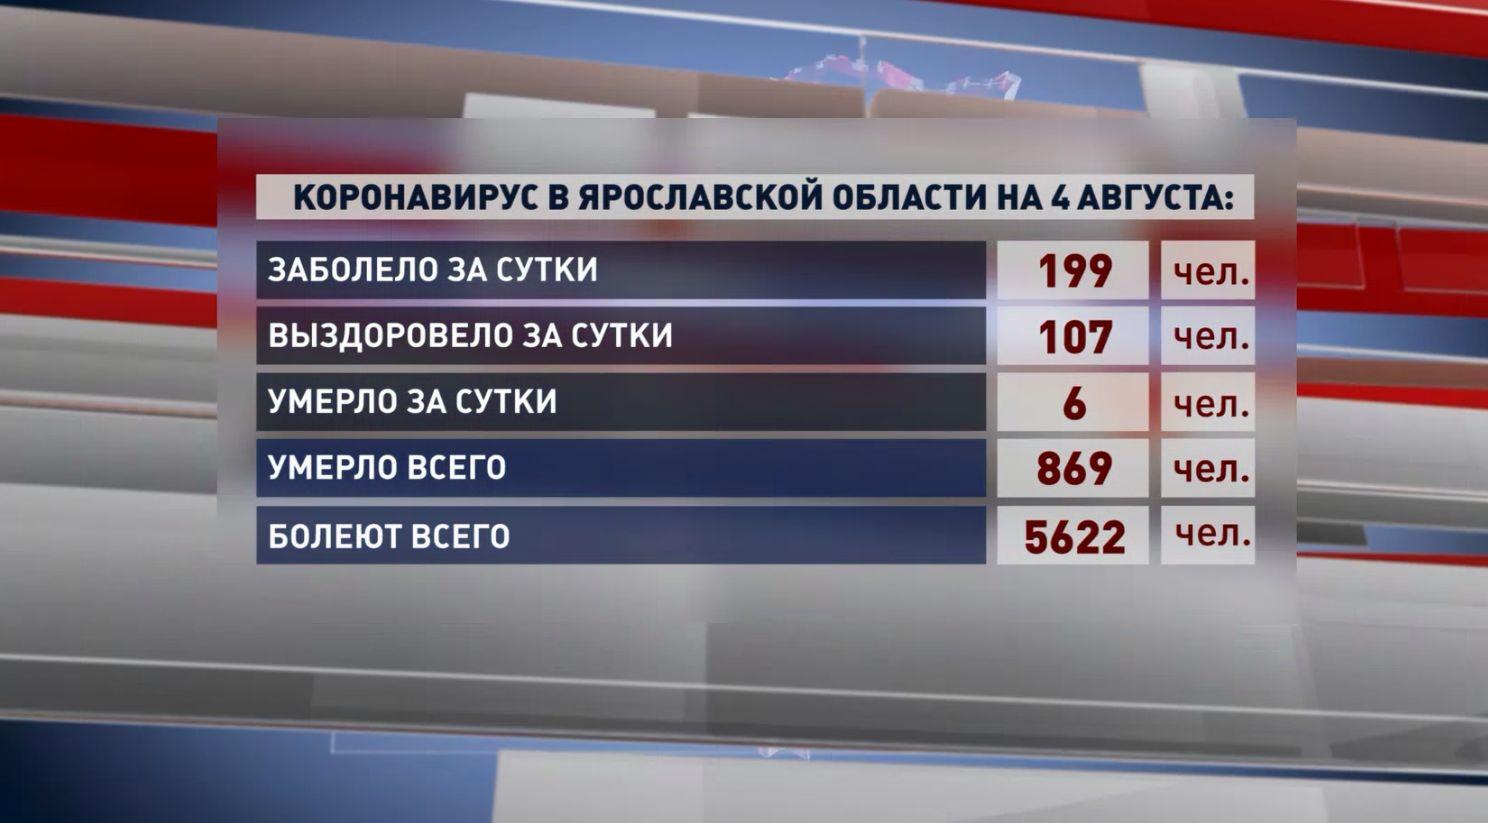 В Ярославской области выявлено 199 новых случаев заболевания коронавирусом